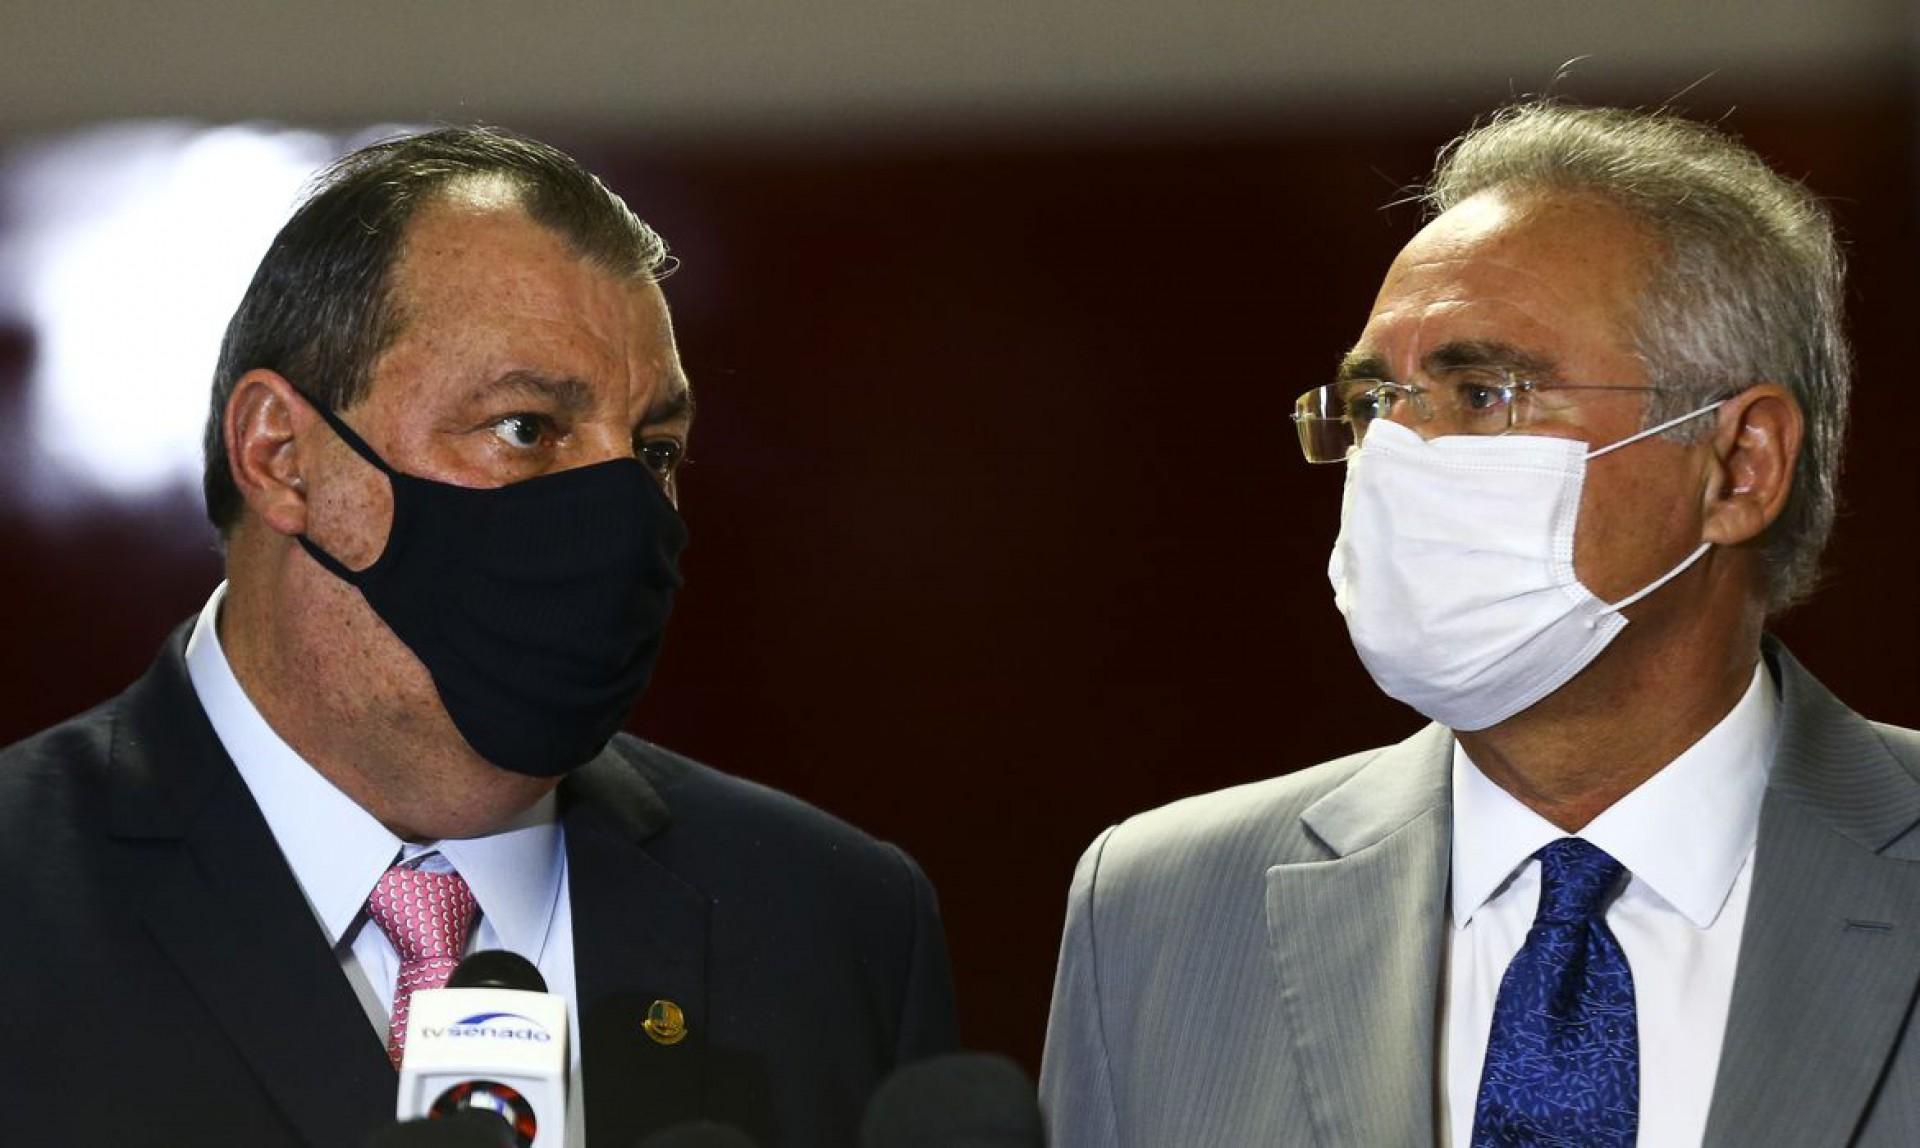 Senadores  Omar Aziz e Renan Calheiros, presidente e relator da CPI da Pandemia